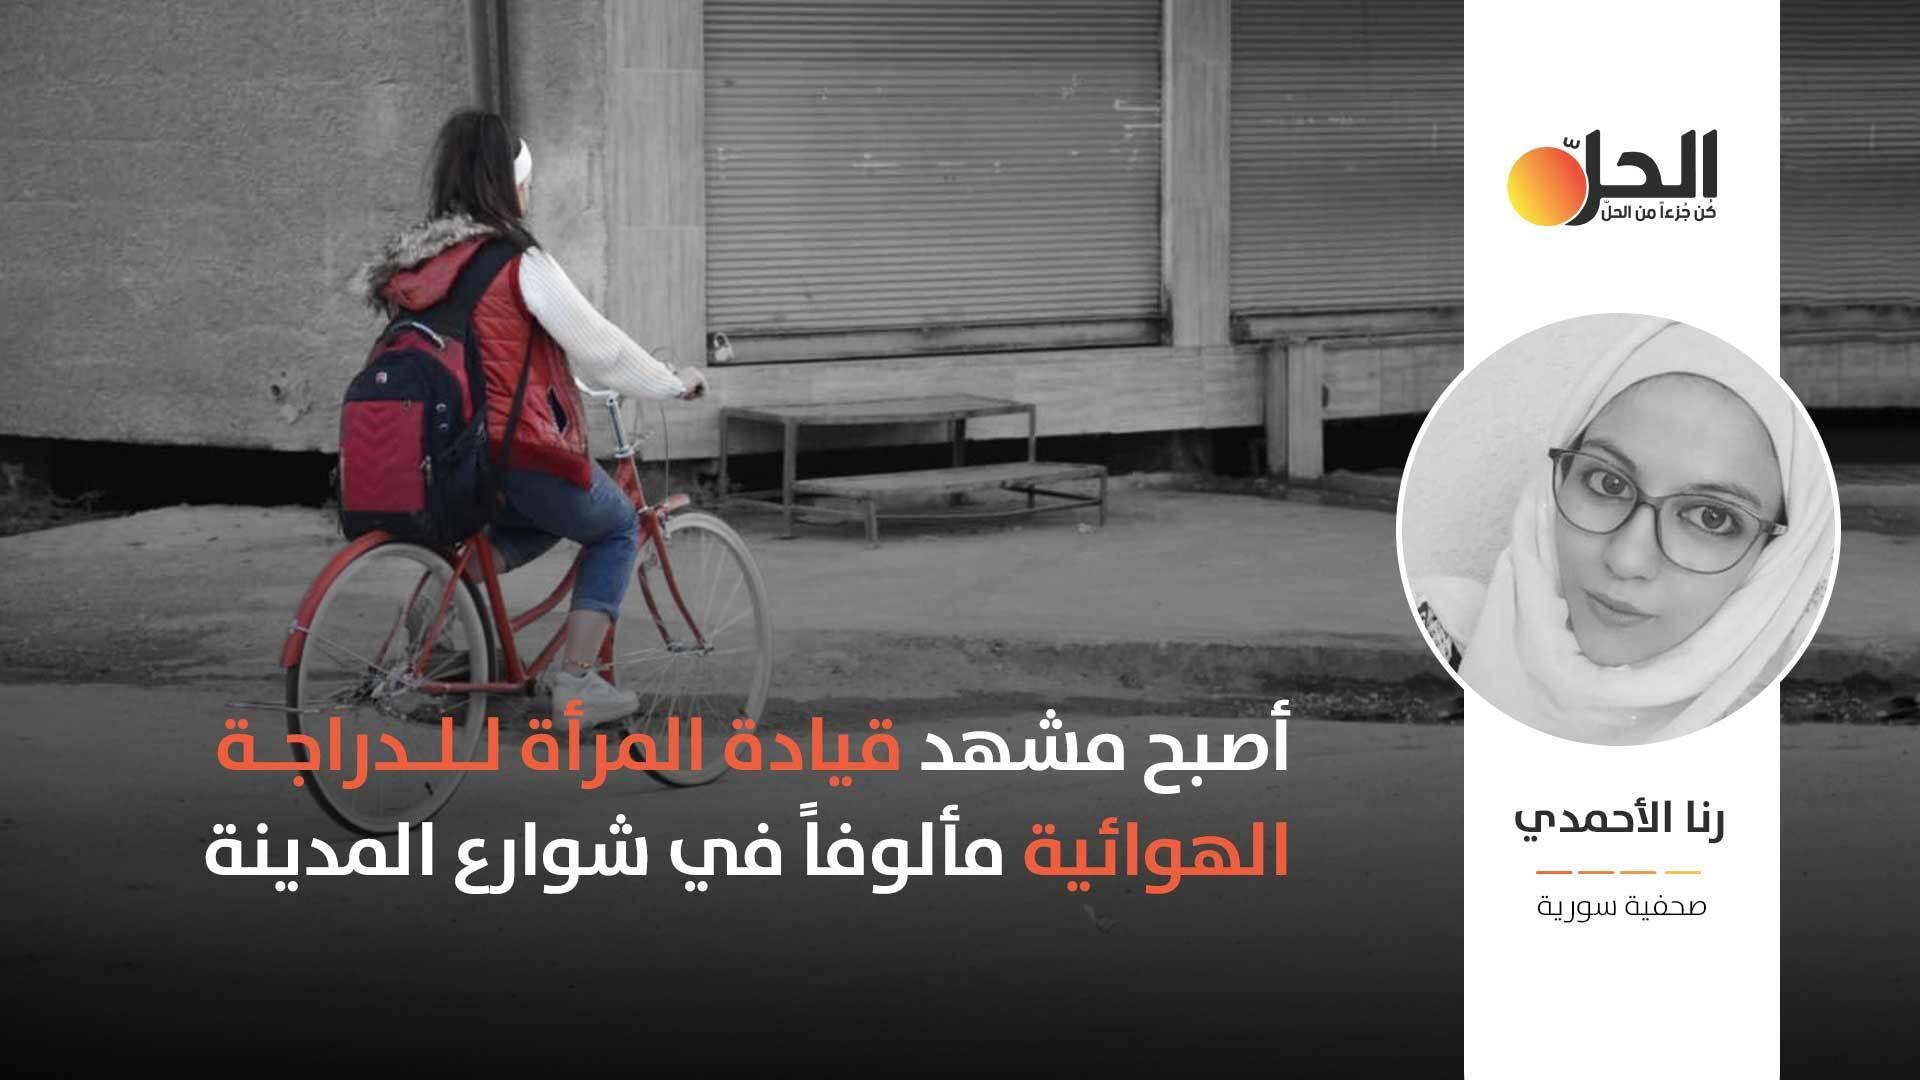 """""""بدي بسكليت"""".. حملة لتشجيع الفتيات على قيادة الدراجات الهوائية"""